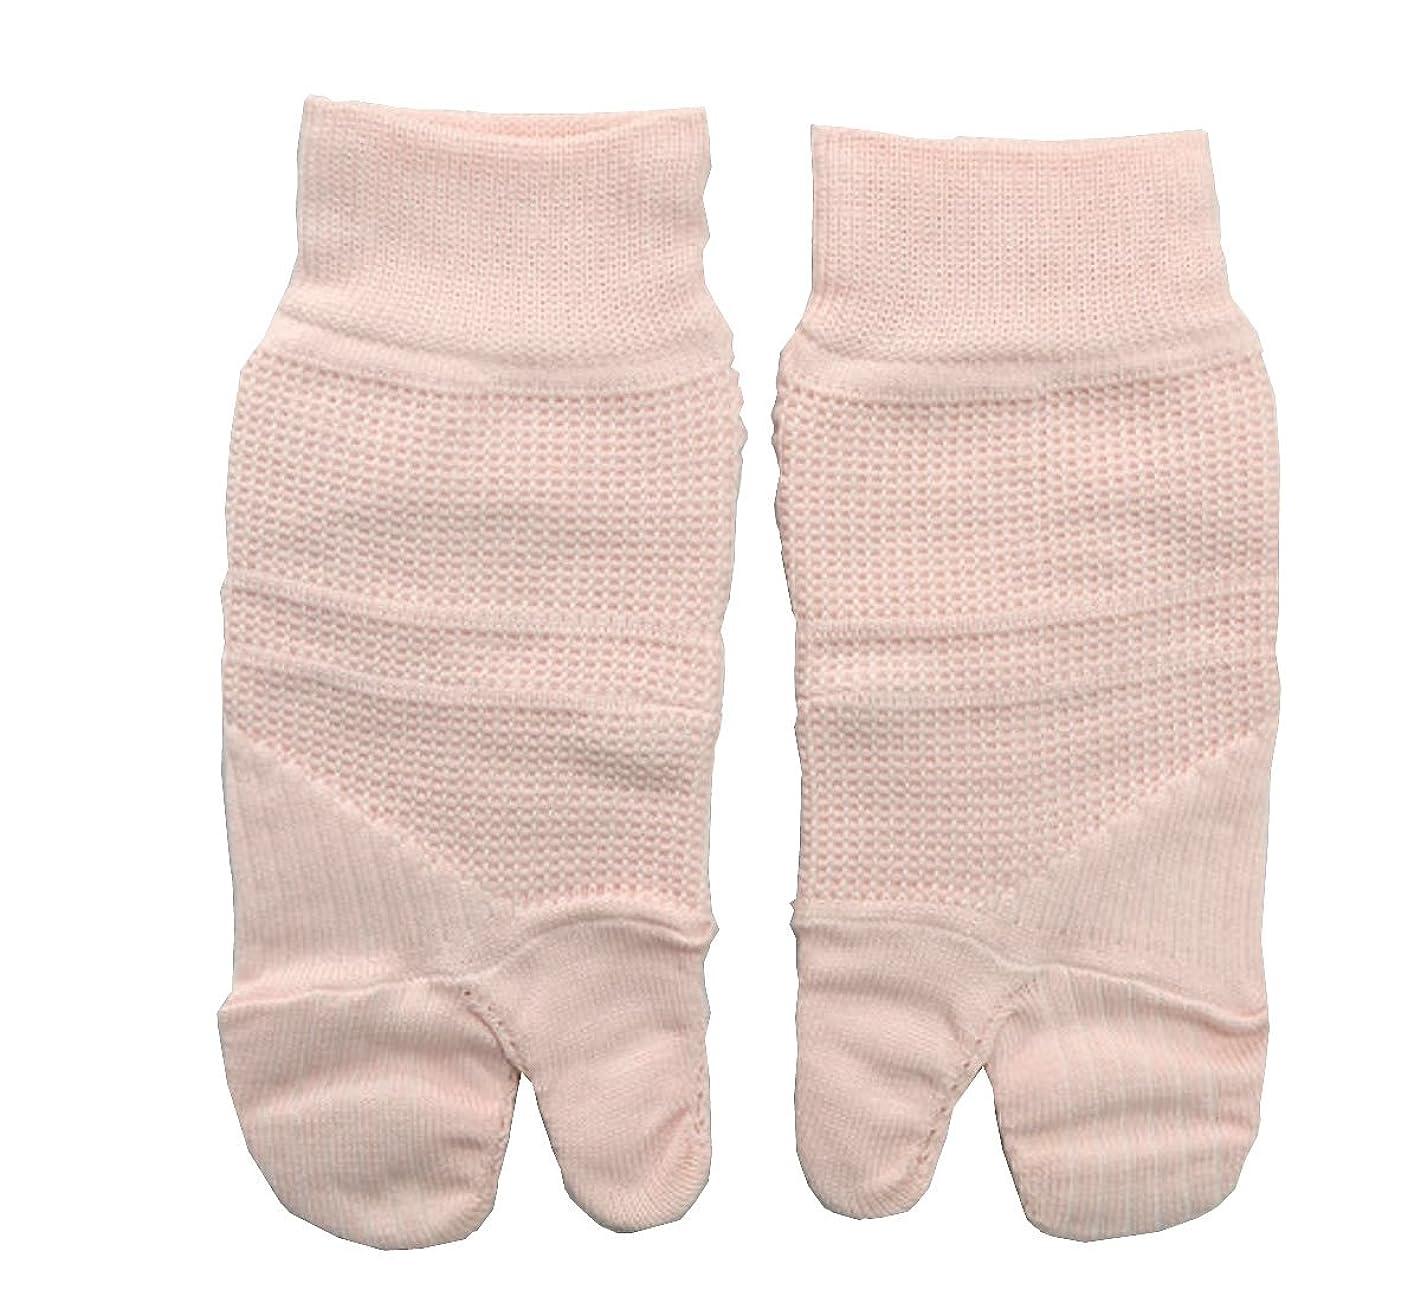 ロッド論争的不完全外反母趾対策靴下(通常タイプ) コーポレーションパールスター?広島大学大学院特許製品